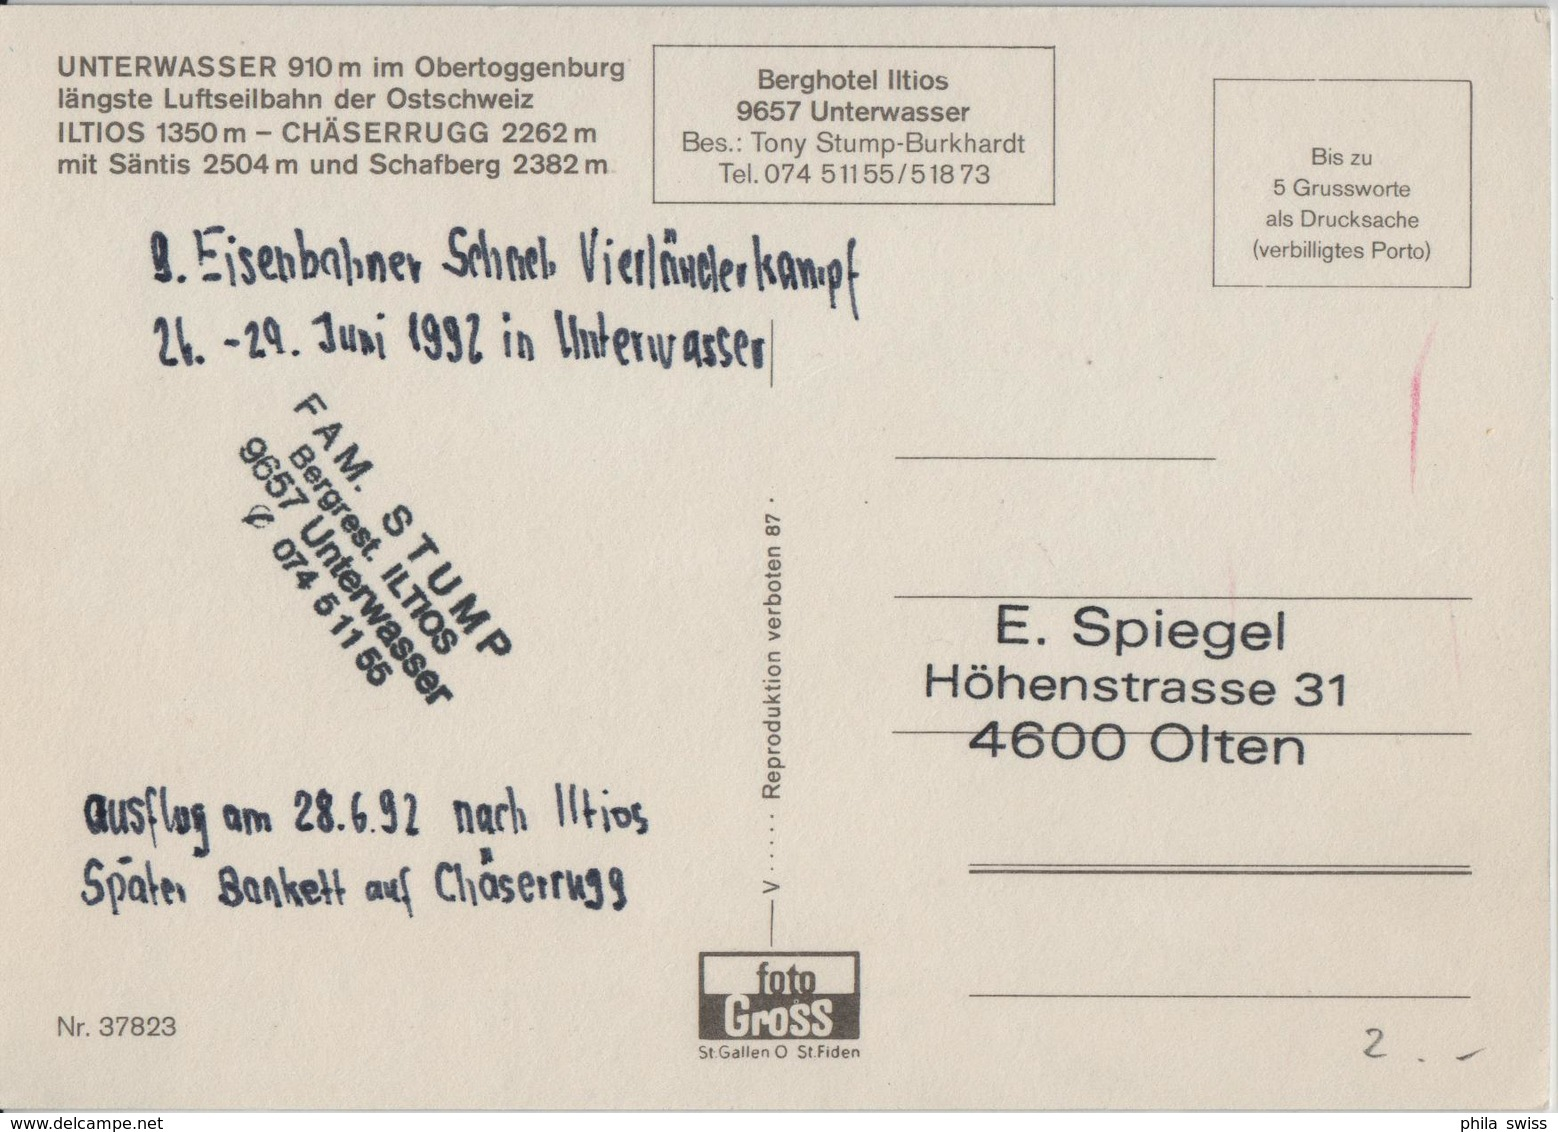 Unterwasser Im Obertoggenburg Längste Luftseilbahn Der Ostschweiz Iltios-Chäserrugg Mit Säntis Und Schafberg - SG St. Gall